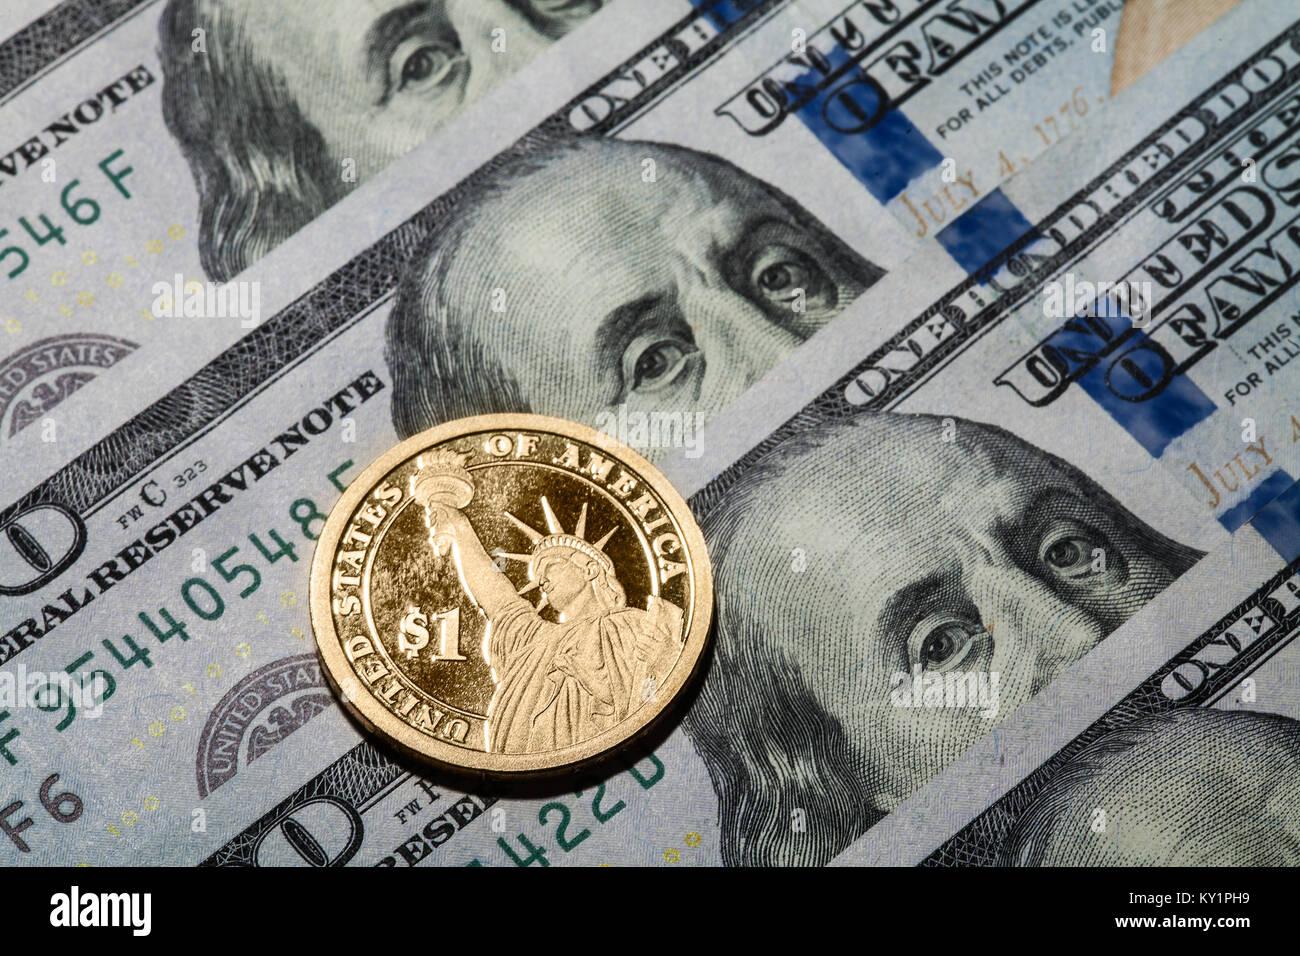 Ein Dollar Münze Die Freiheitsstatue Auf Hundert Dollar Scheine